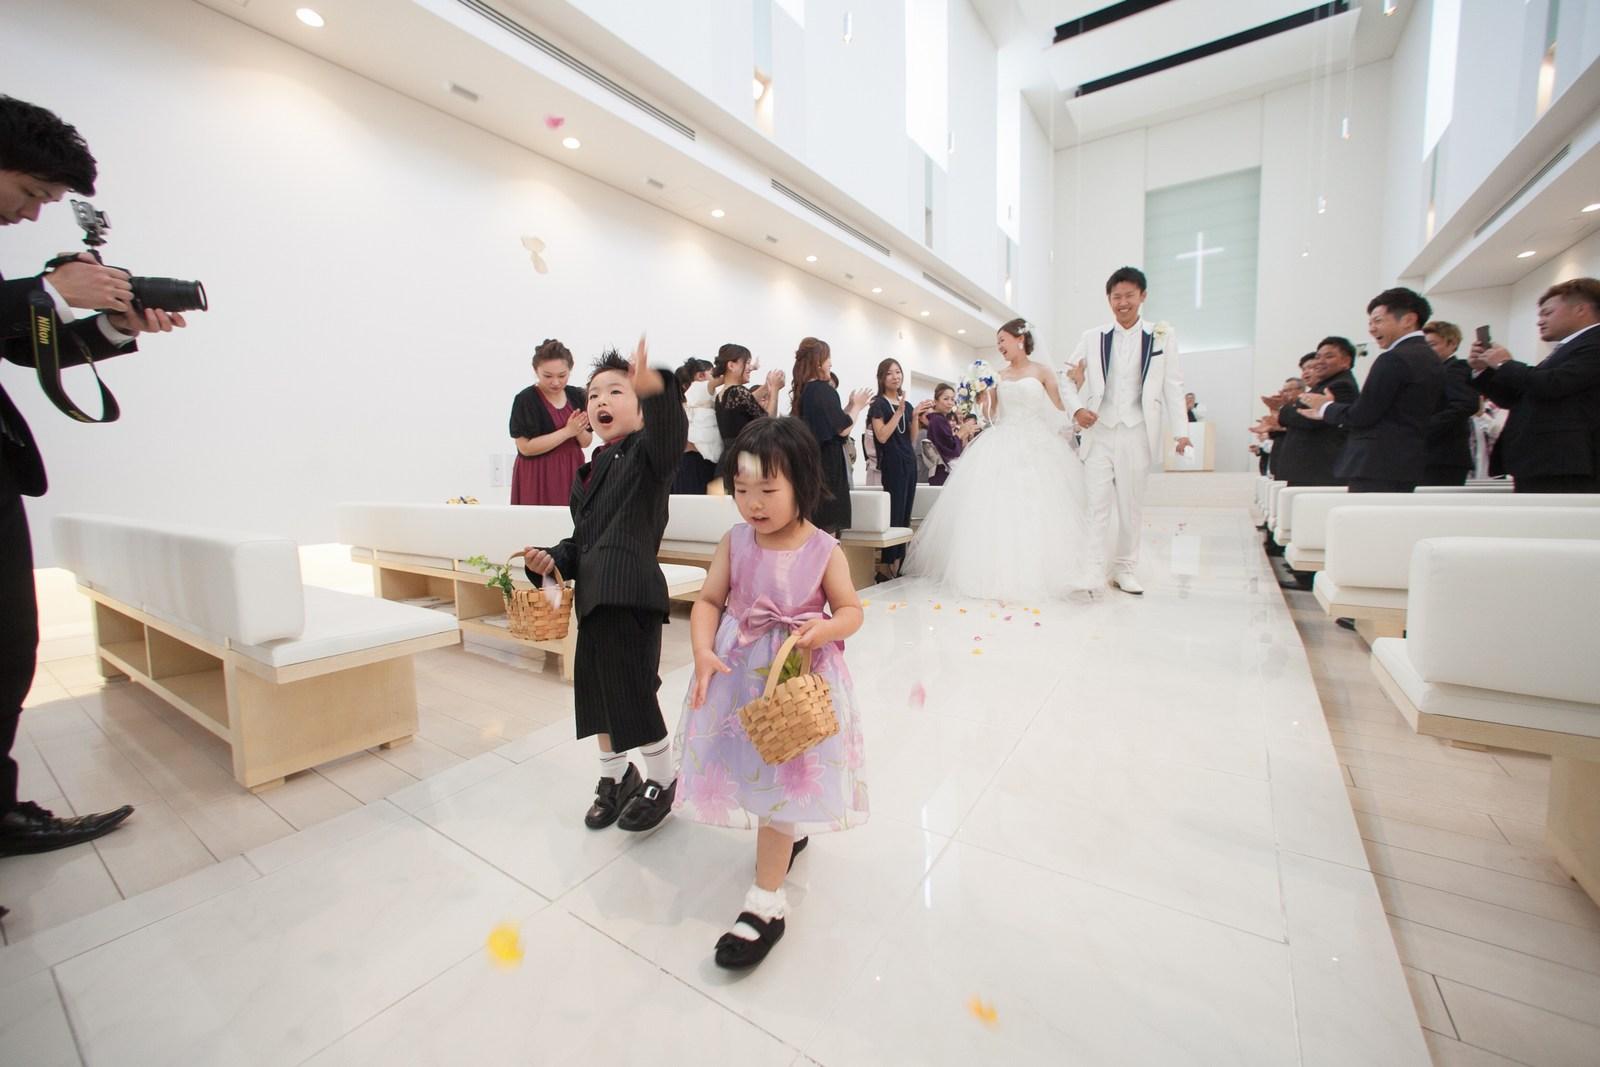 徳島市の結婚式場ブランアンジュでチャペル内でお菓子の登場